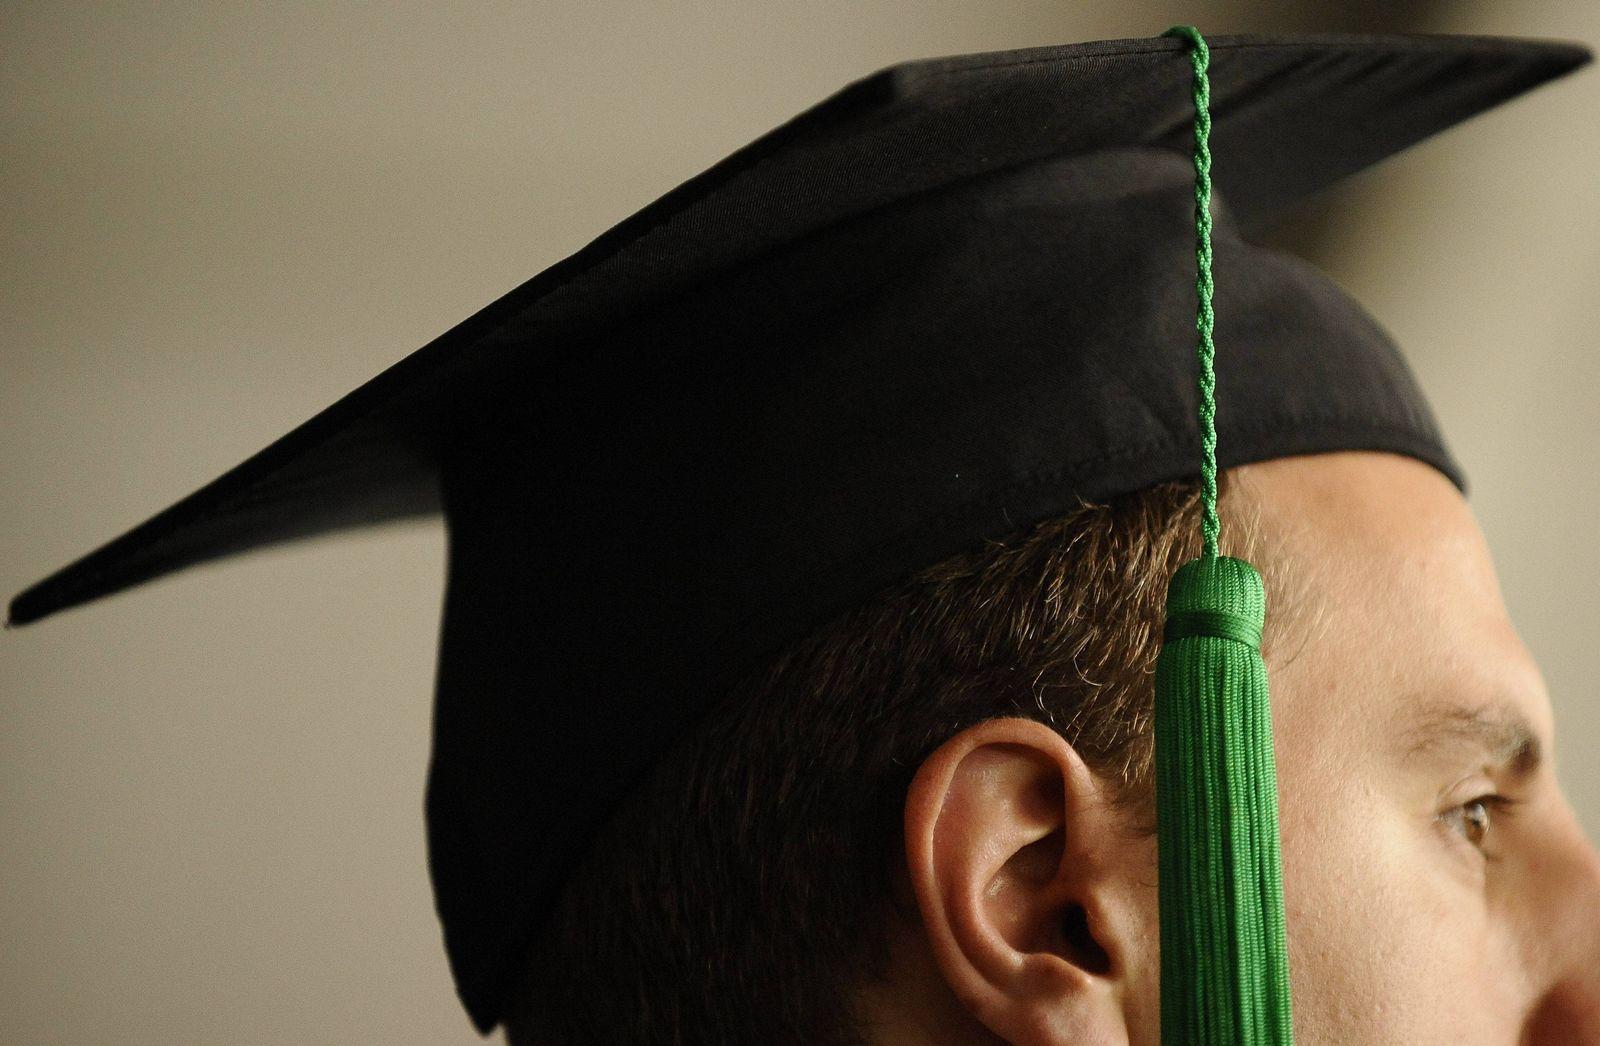 NICHT VERWENDEN Doktortitel Professoren Korruption Titelmühlen Promotion Doktorhut